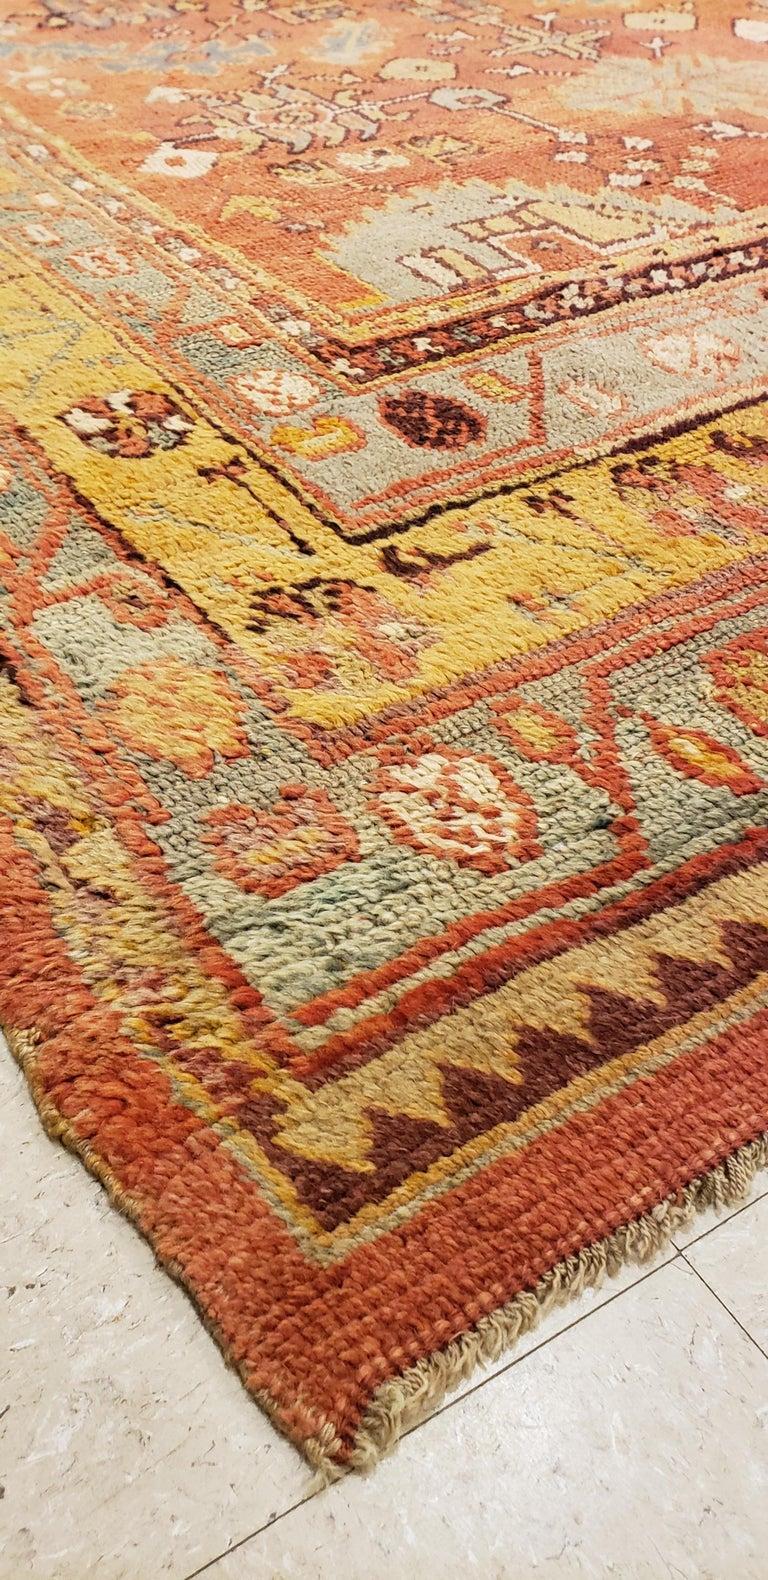 Oushak Carpet, Oriental Rug, Handmade Rug Saffron, Light Blue and Coral For Sale 3